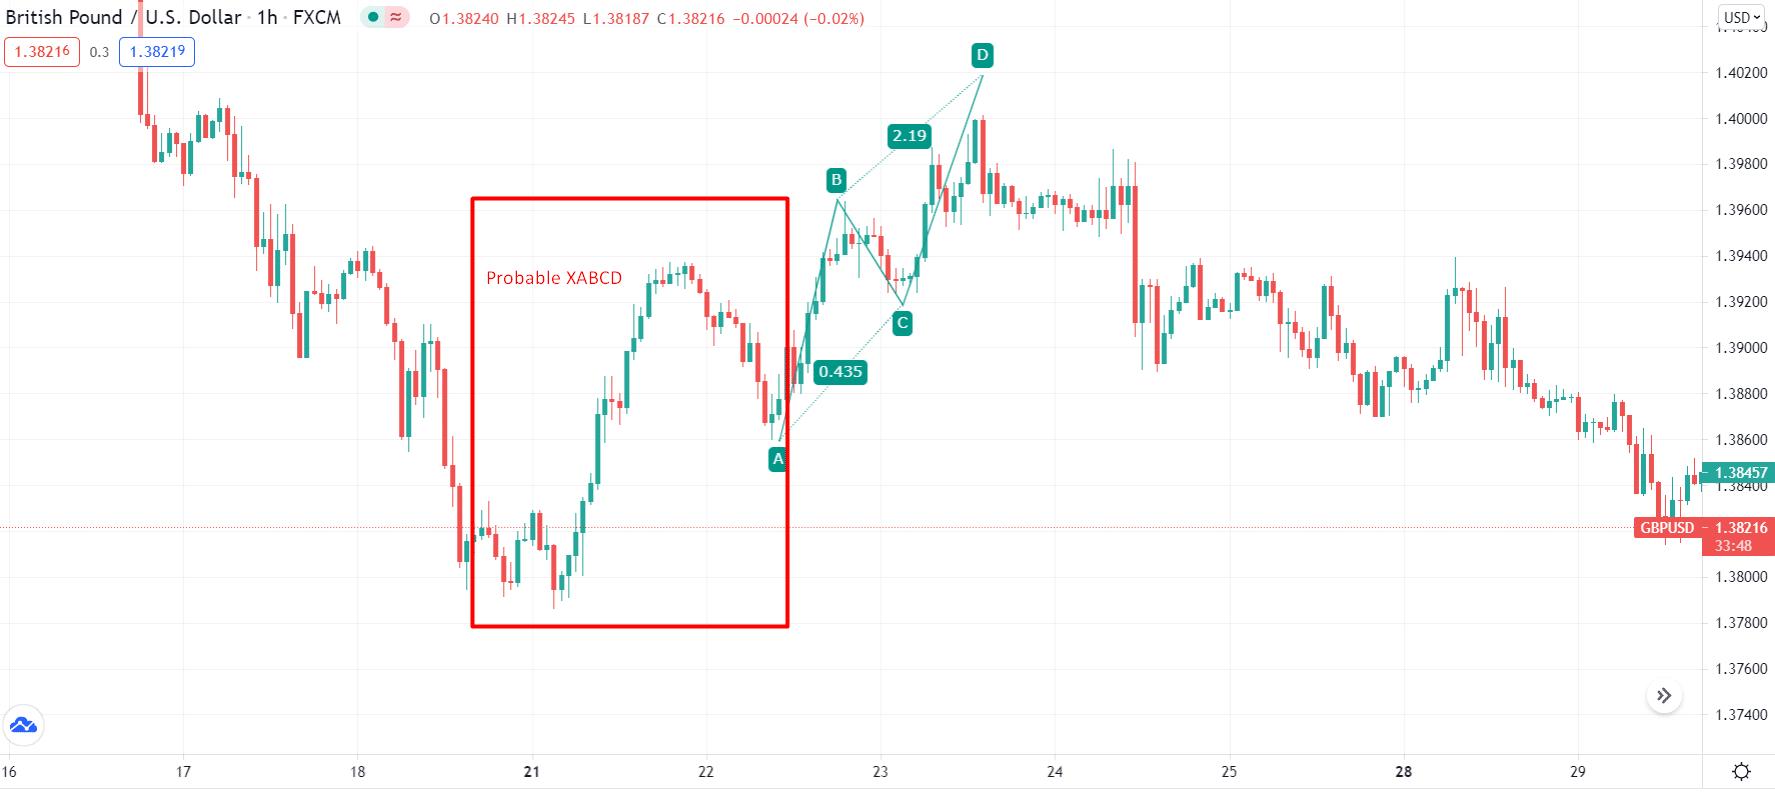 British Pound/U.S. Dollar_1h